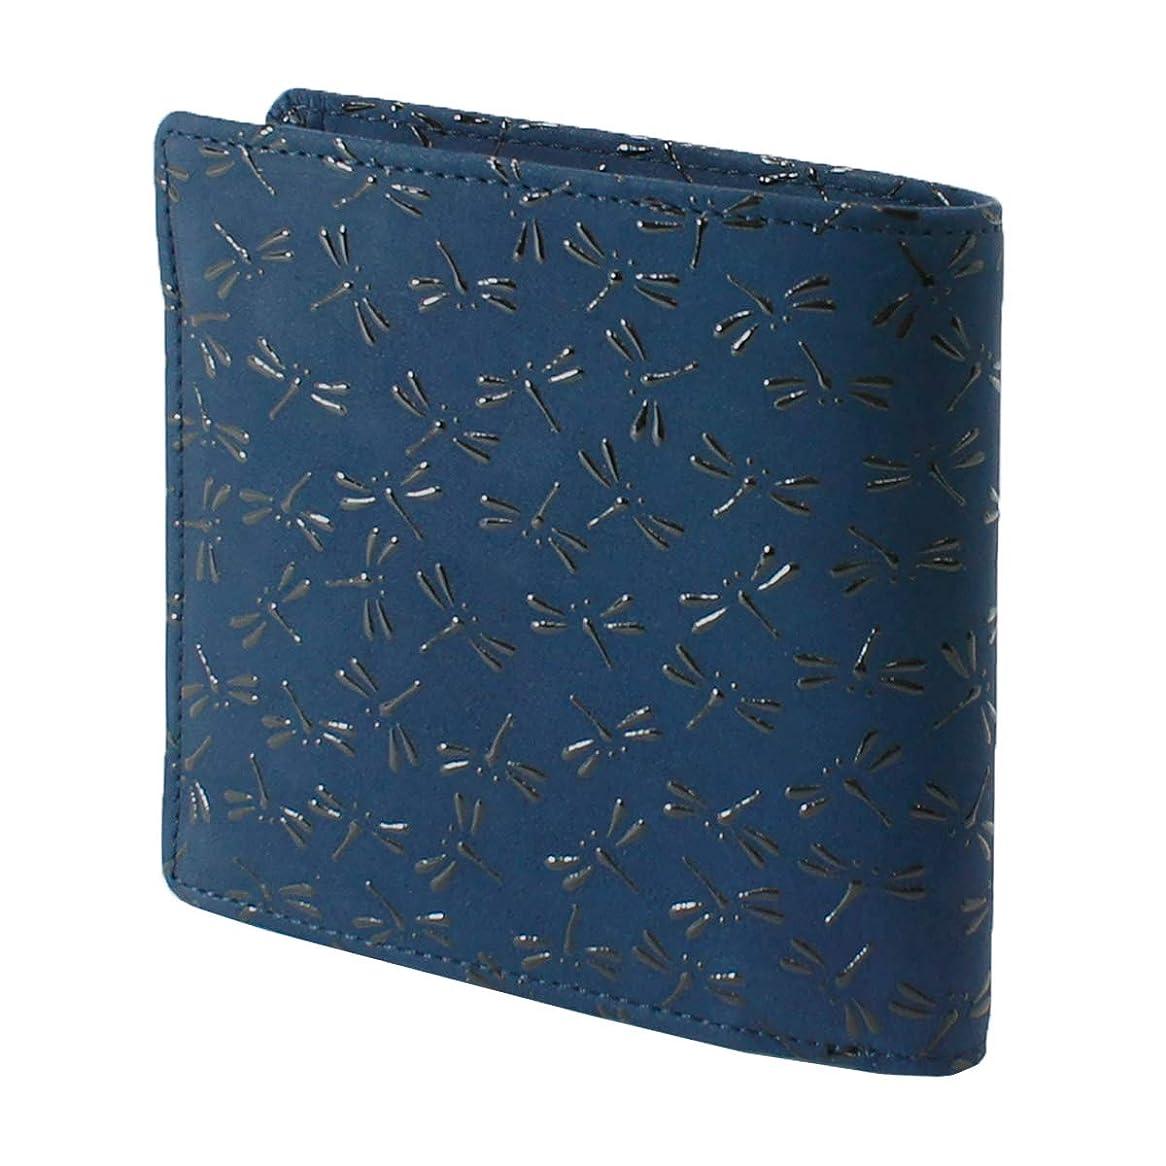 ミルク皮肉する必要があるINDEN-YA 印傳屋 印伝 財布 二つ折り財布 メンズ 男性用 紺×黒 とんぼ 2008-04-008